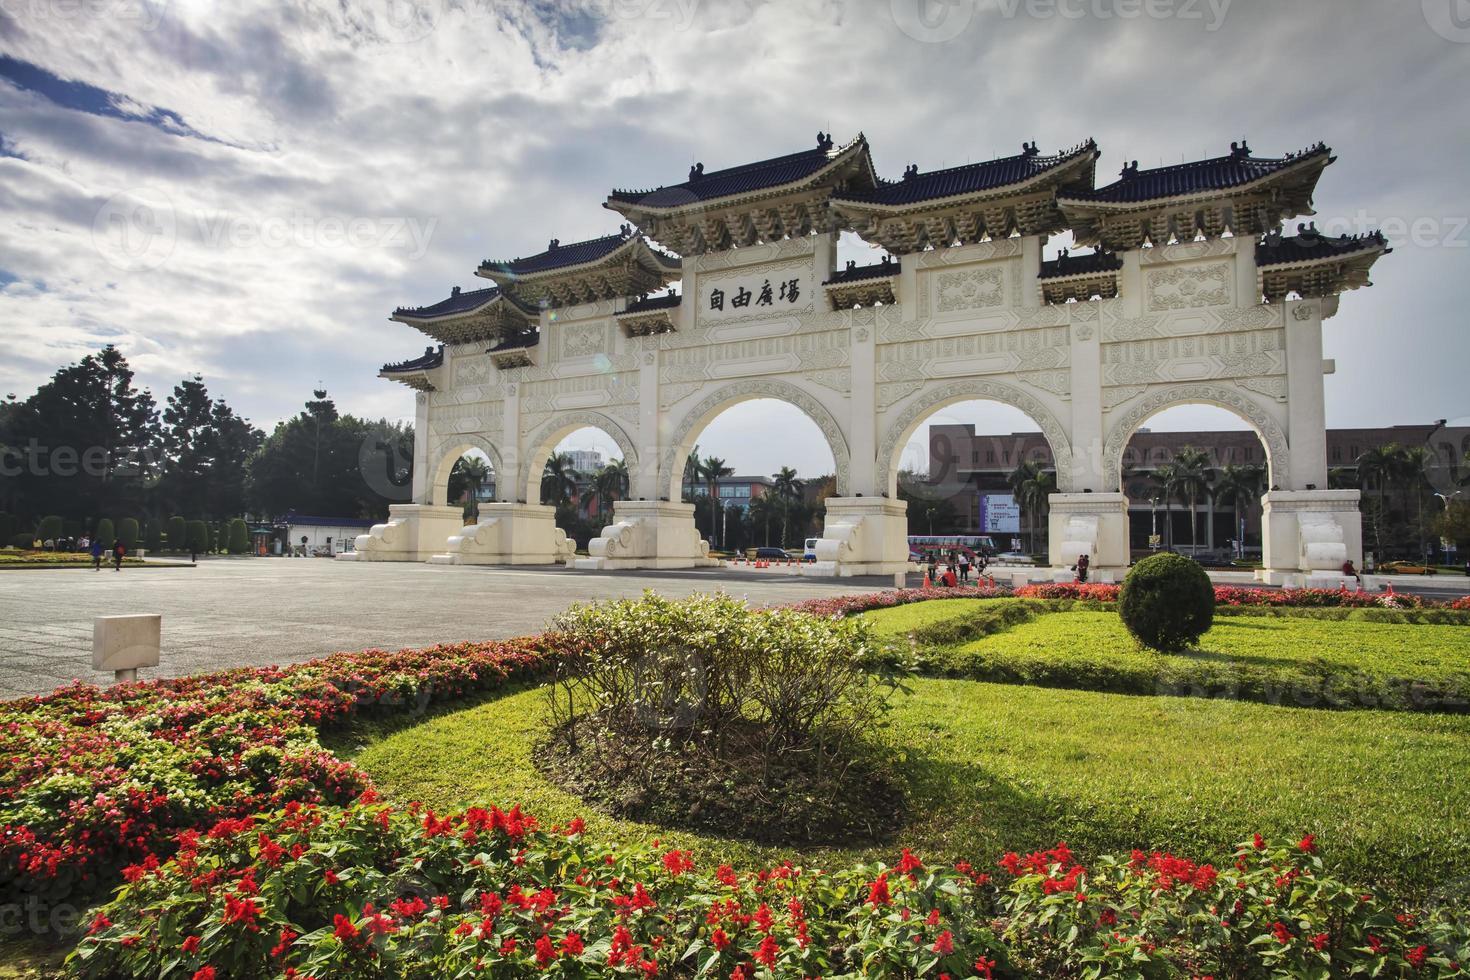 arches à la place de la liberté à taipei, taiwan photo